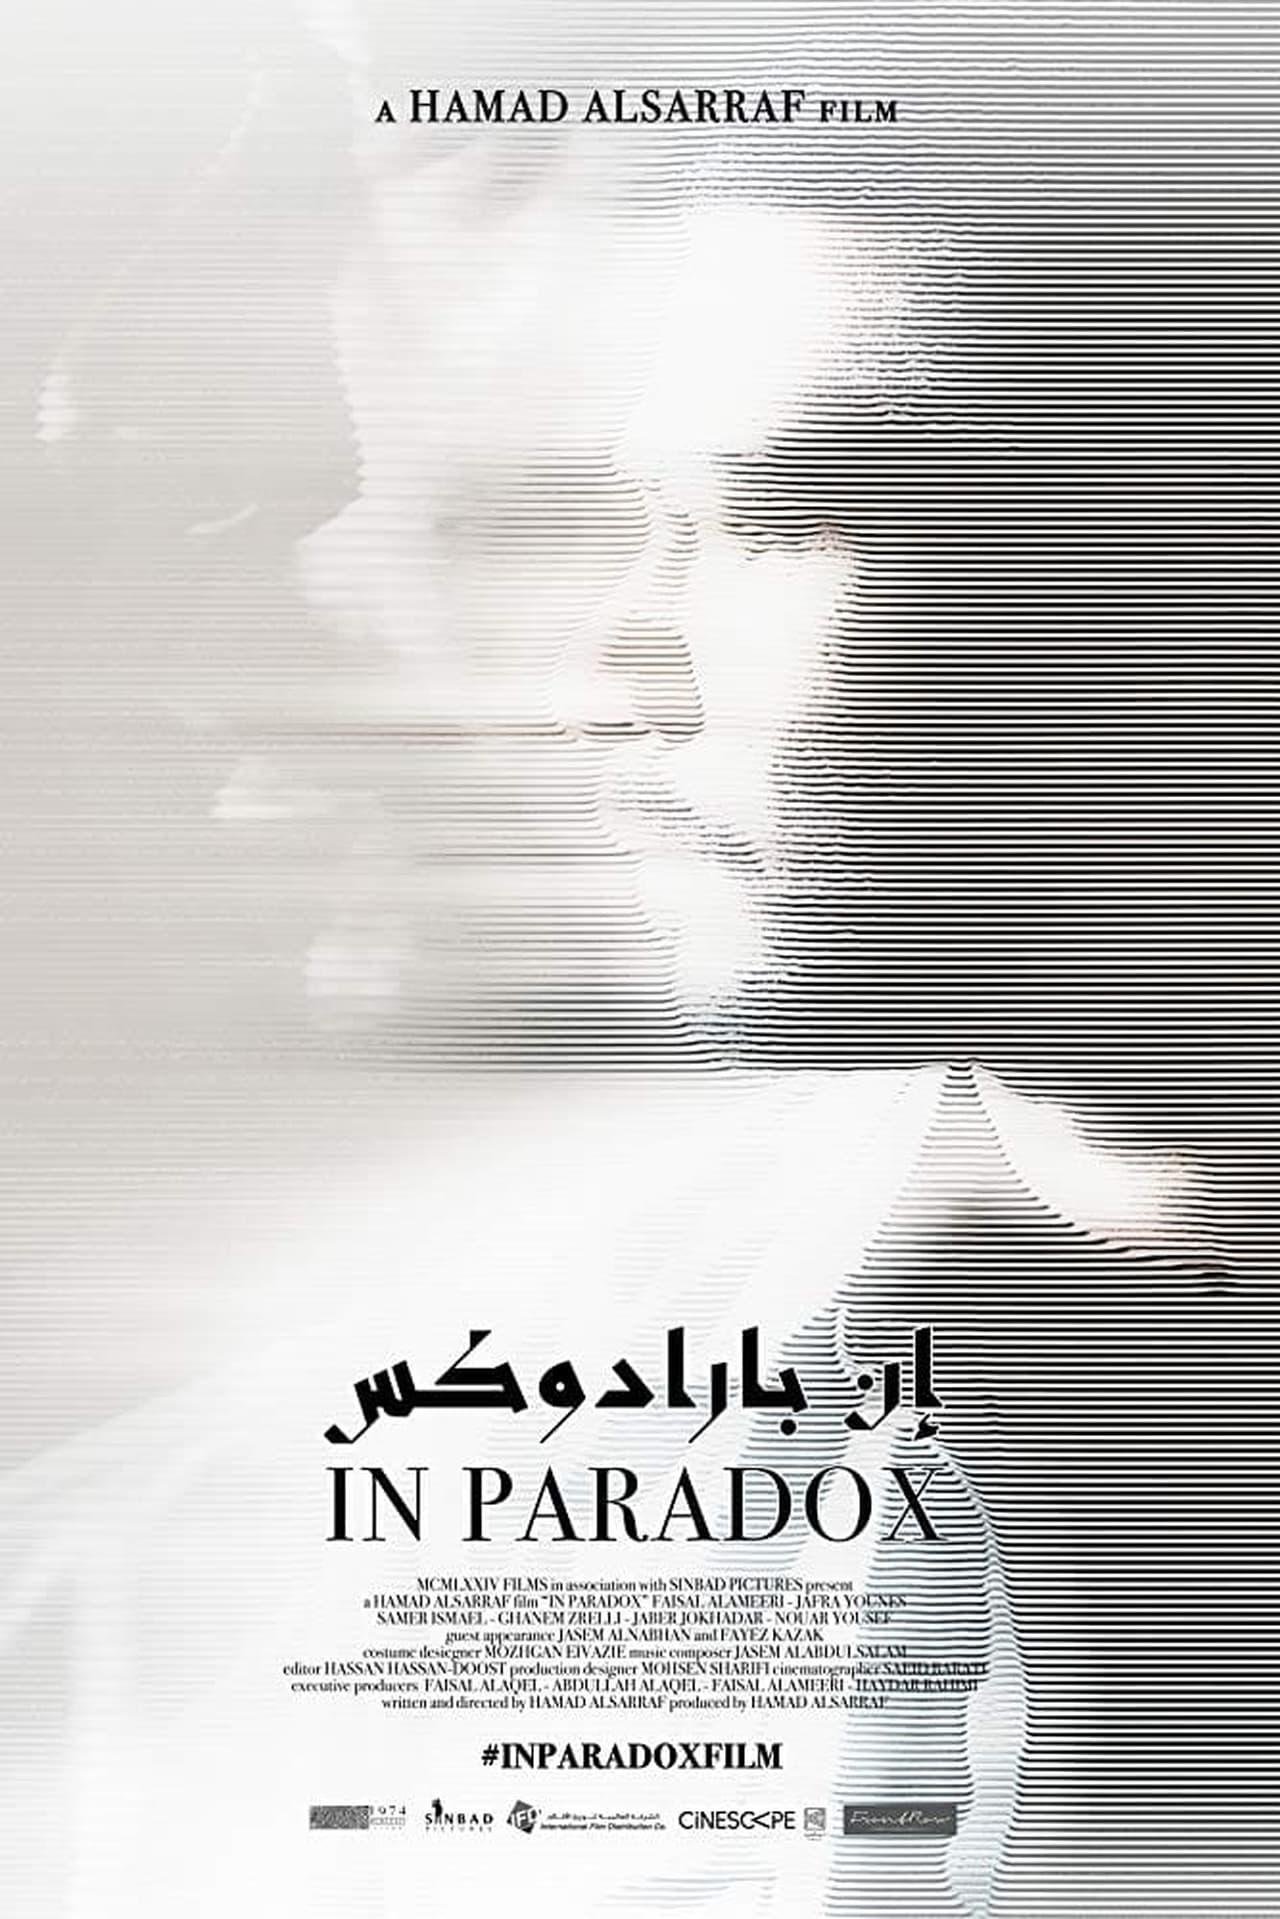 In Paradox (2019)